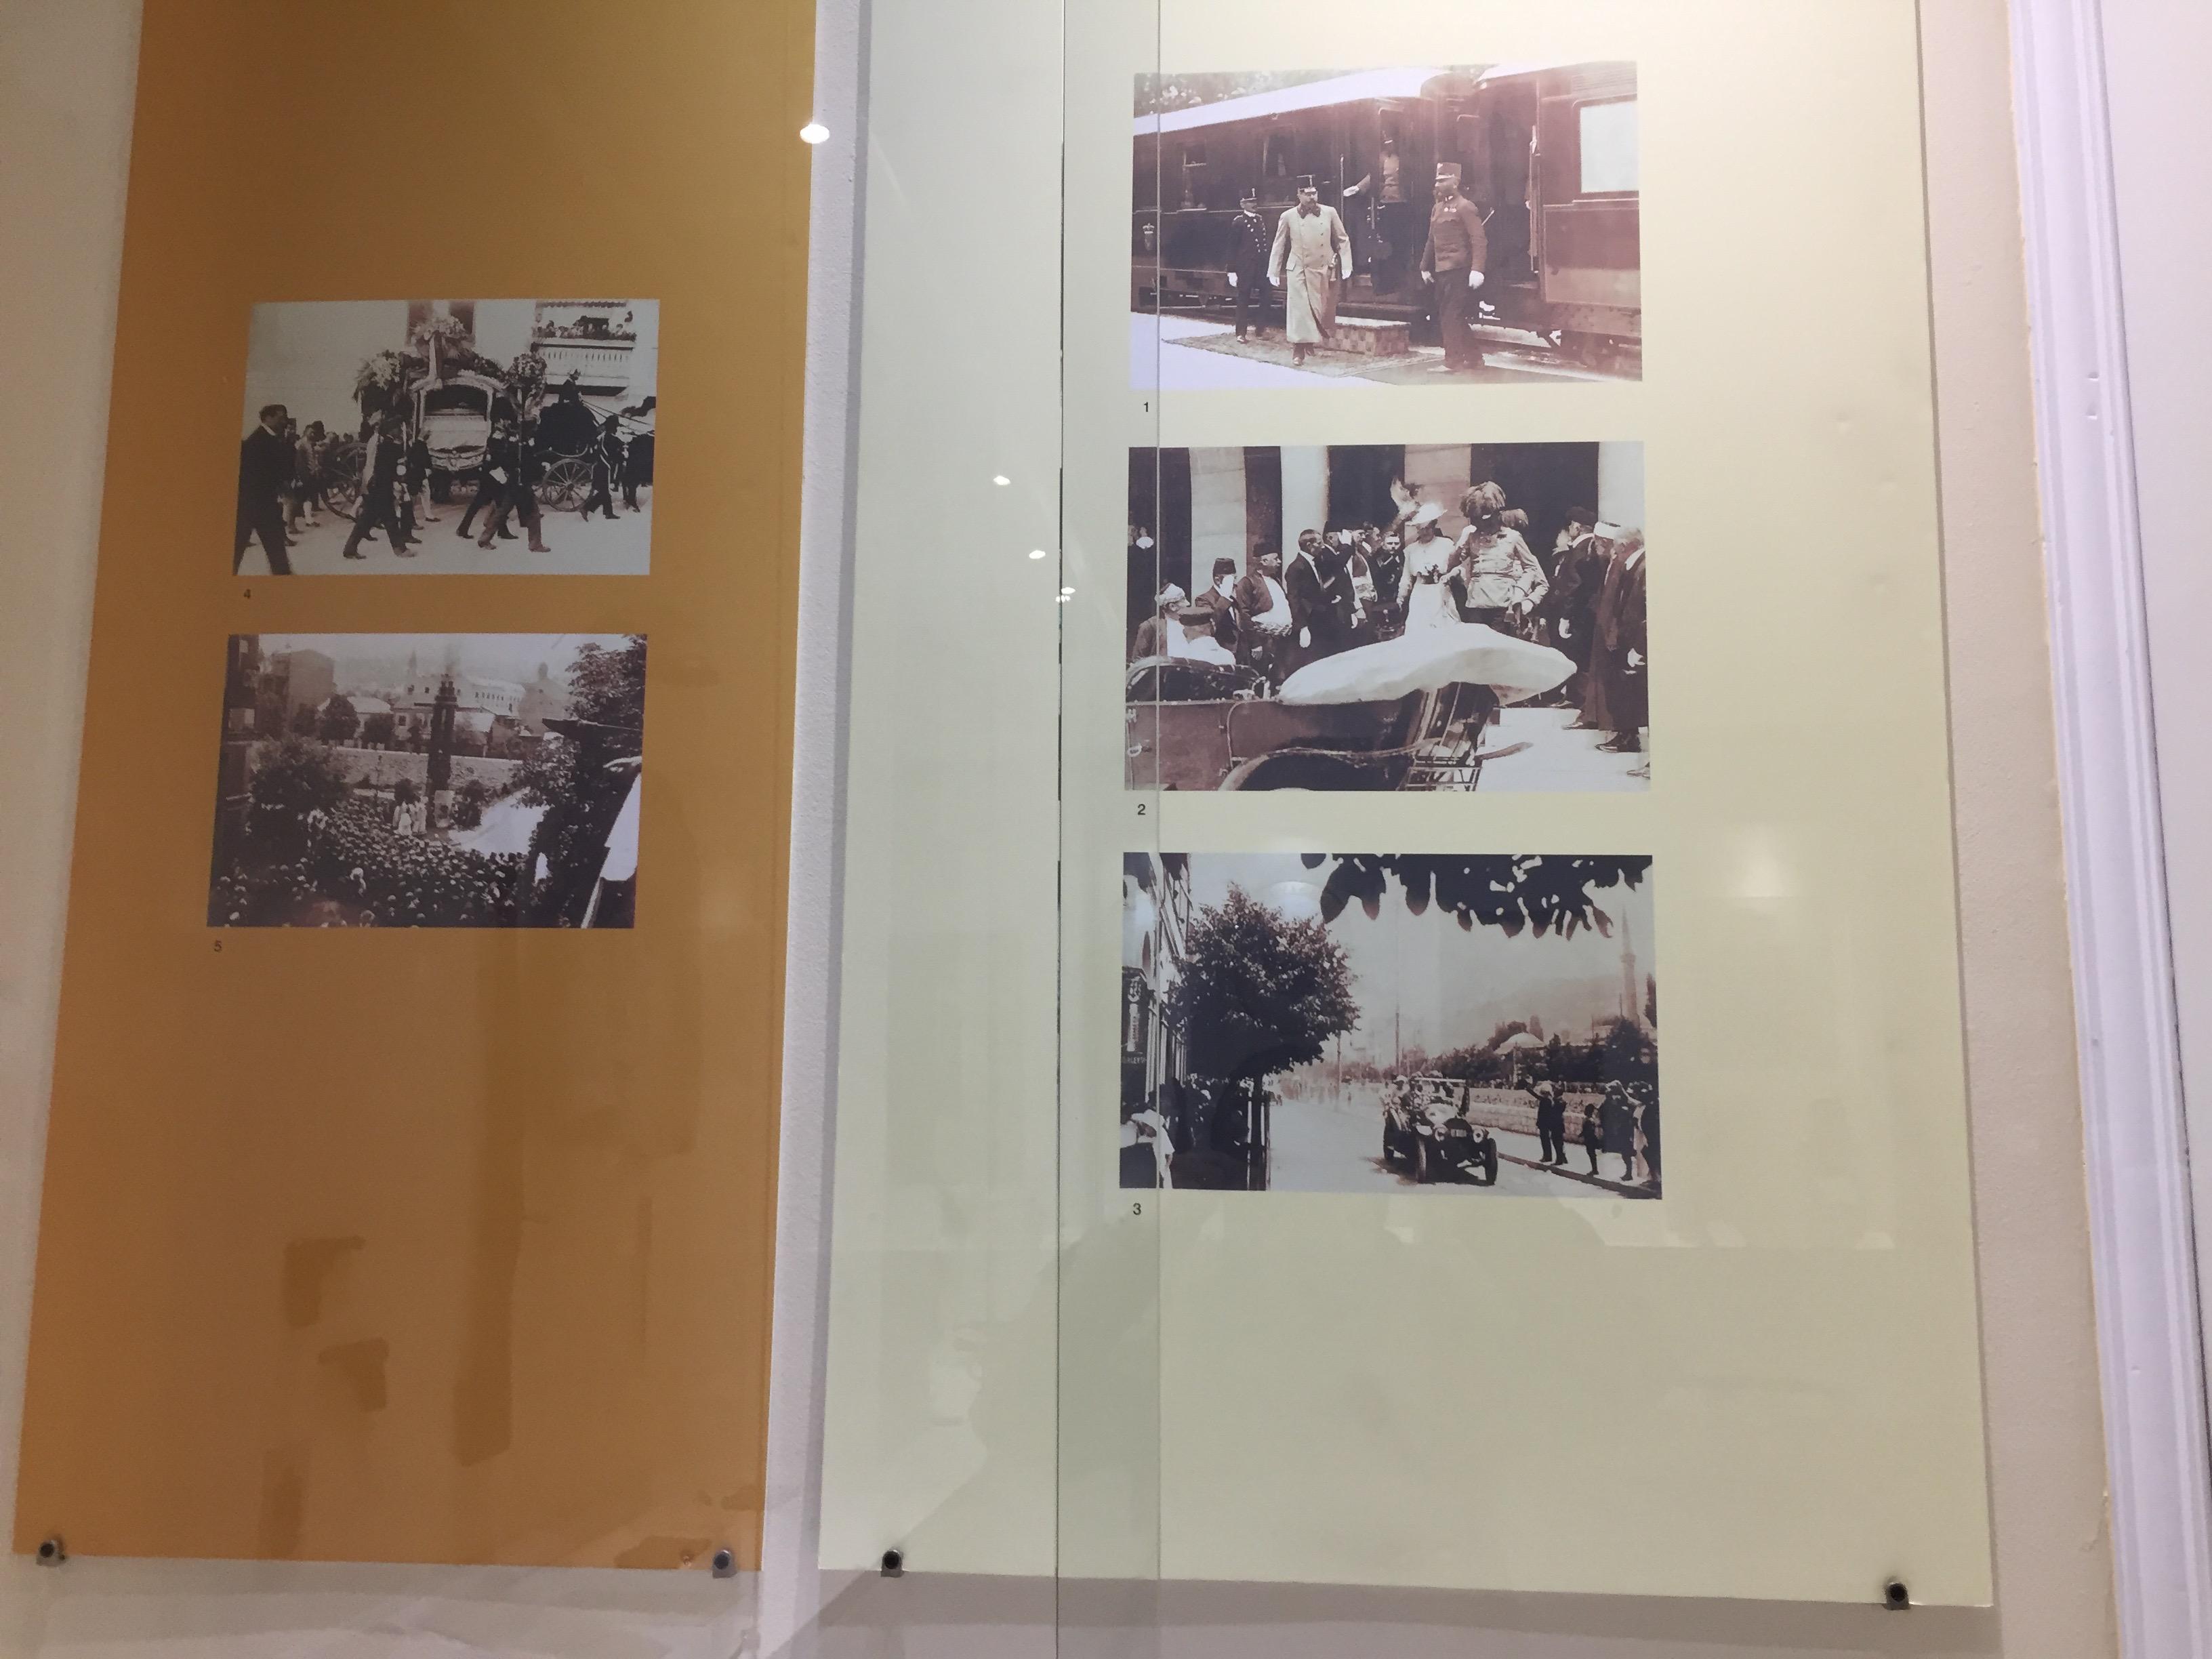 サラエボに来た時のフェルディナンド夫妻の写真